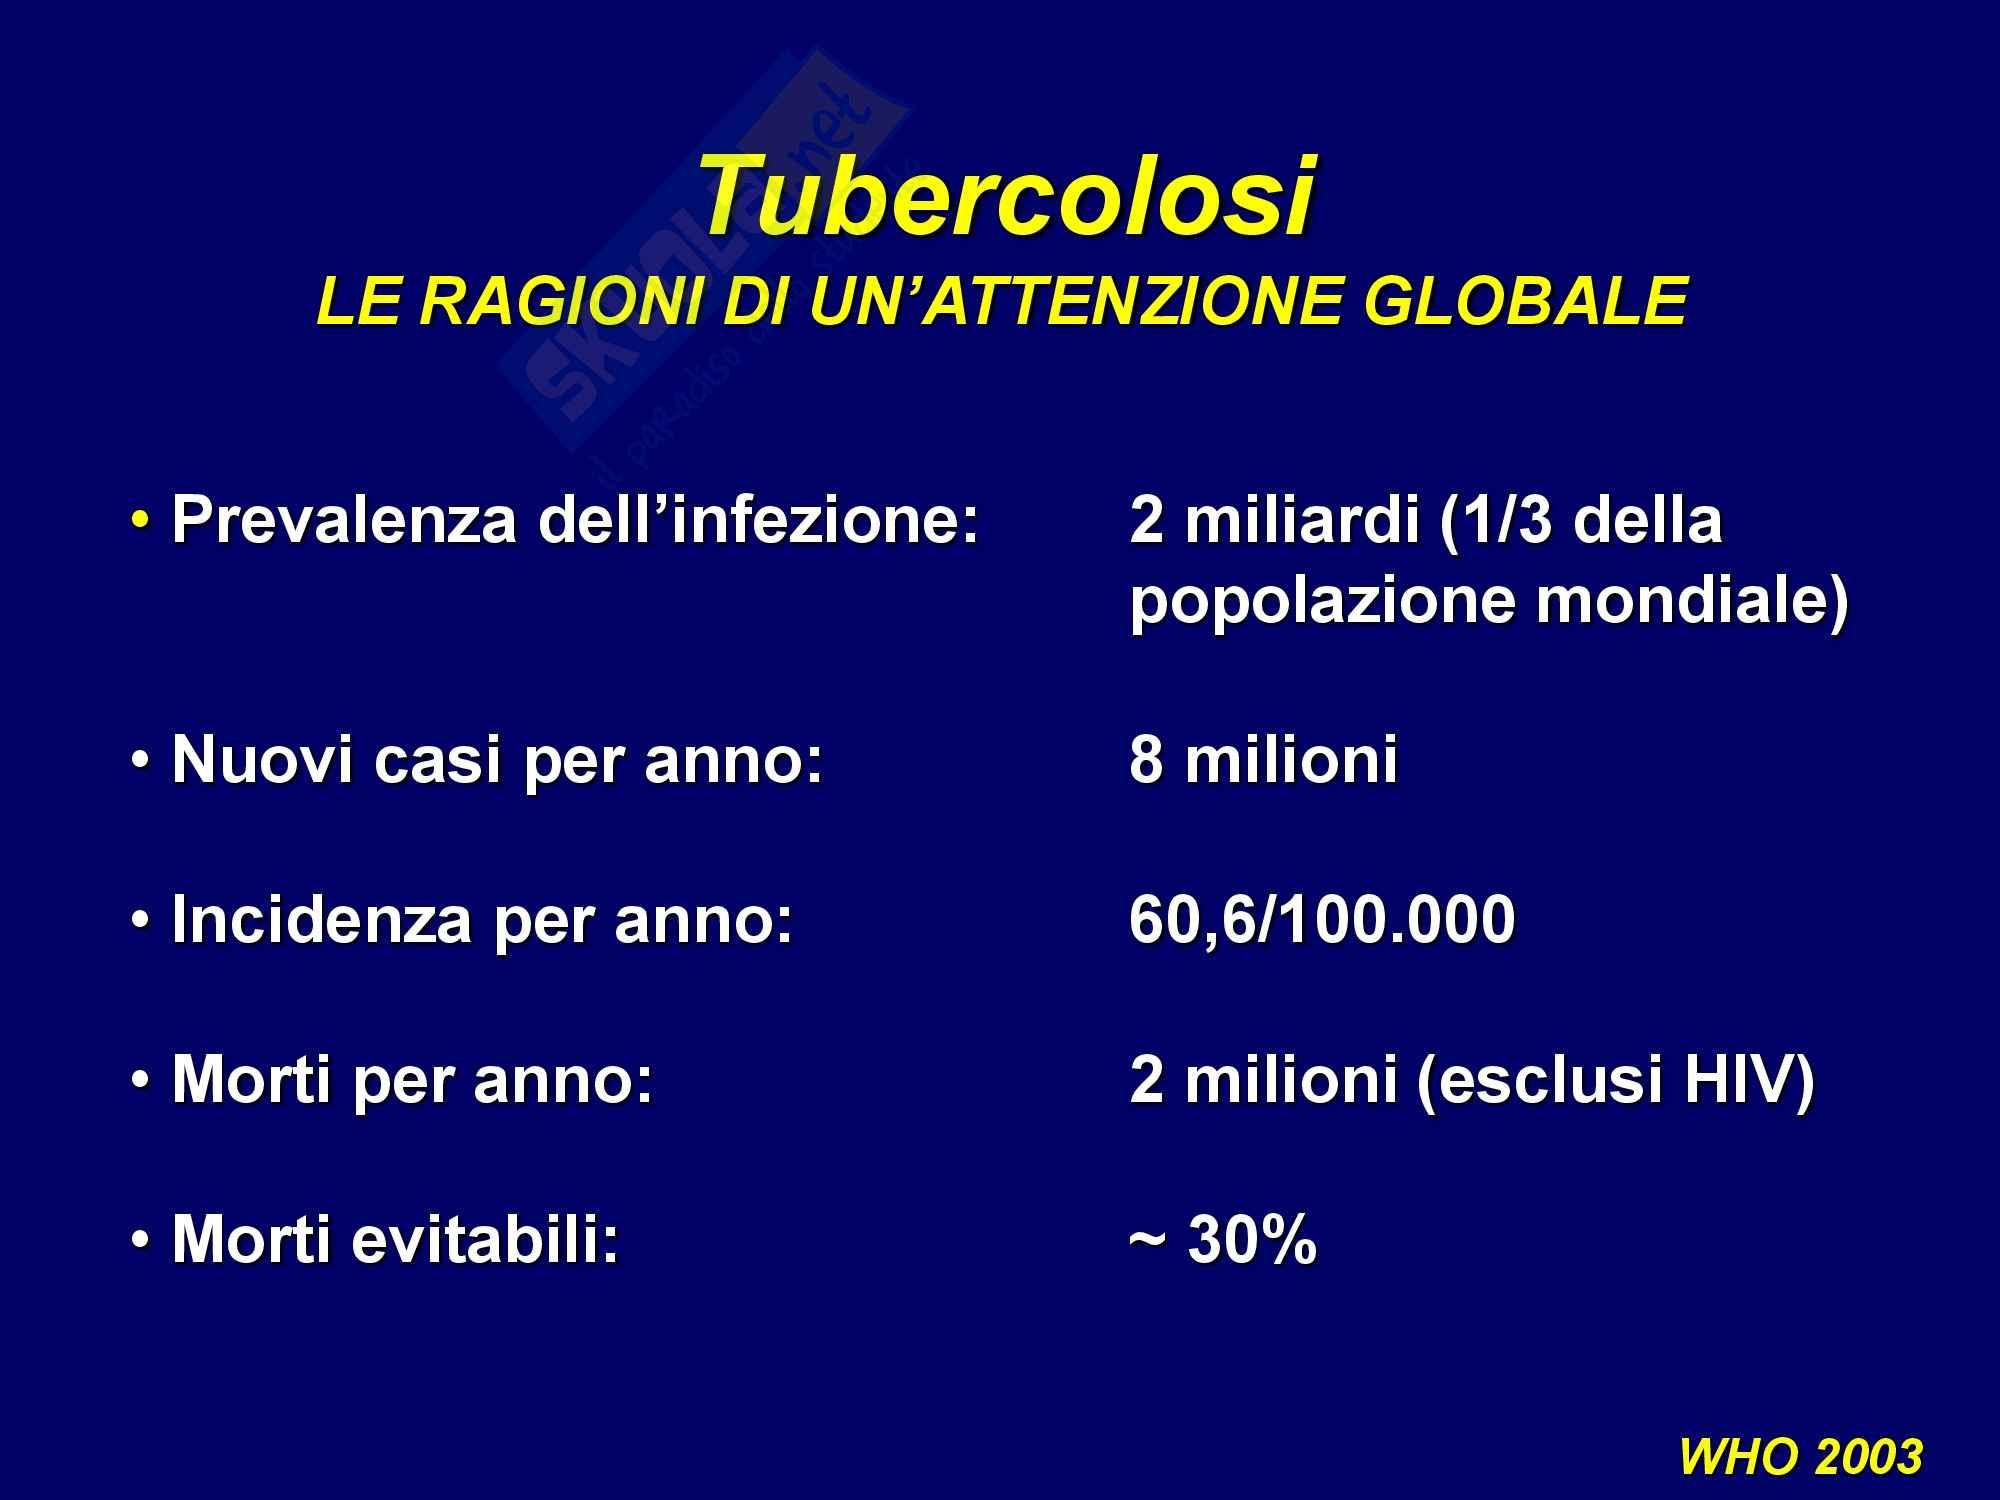 TBC - Tubercolosi polmonare Pag. 6